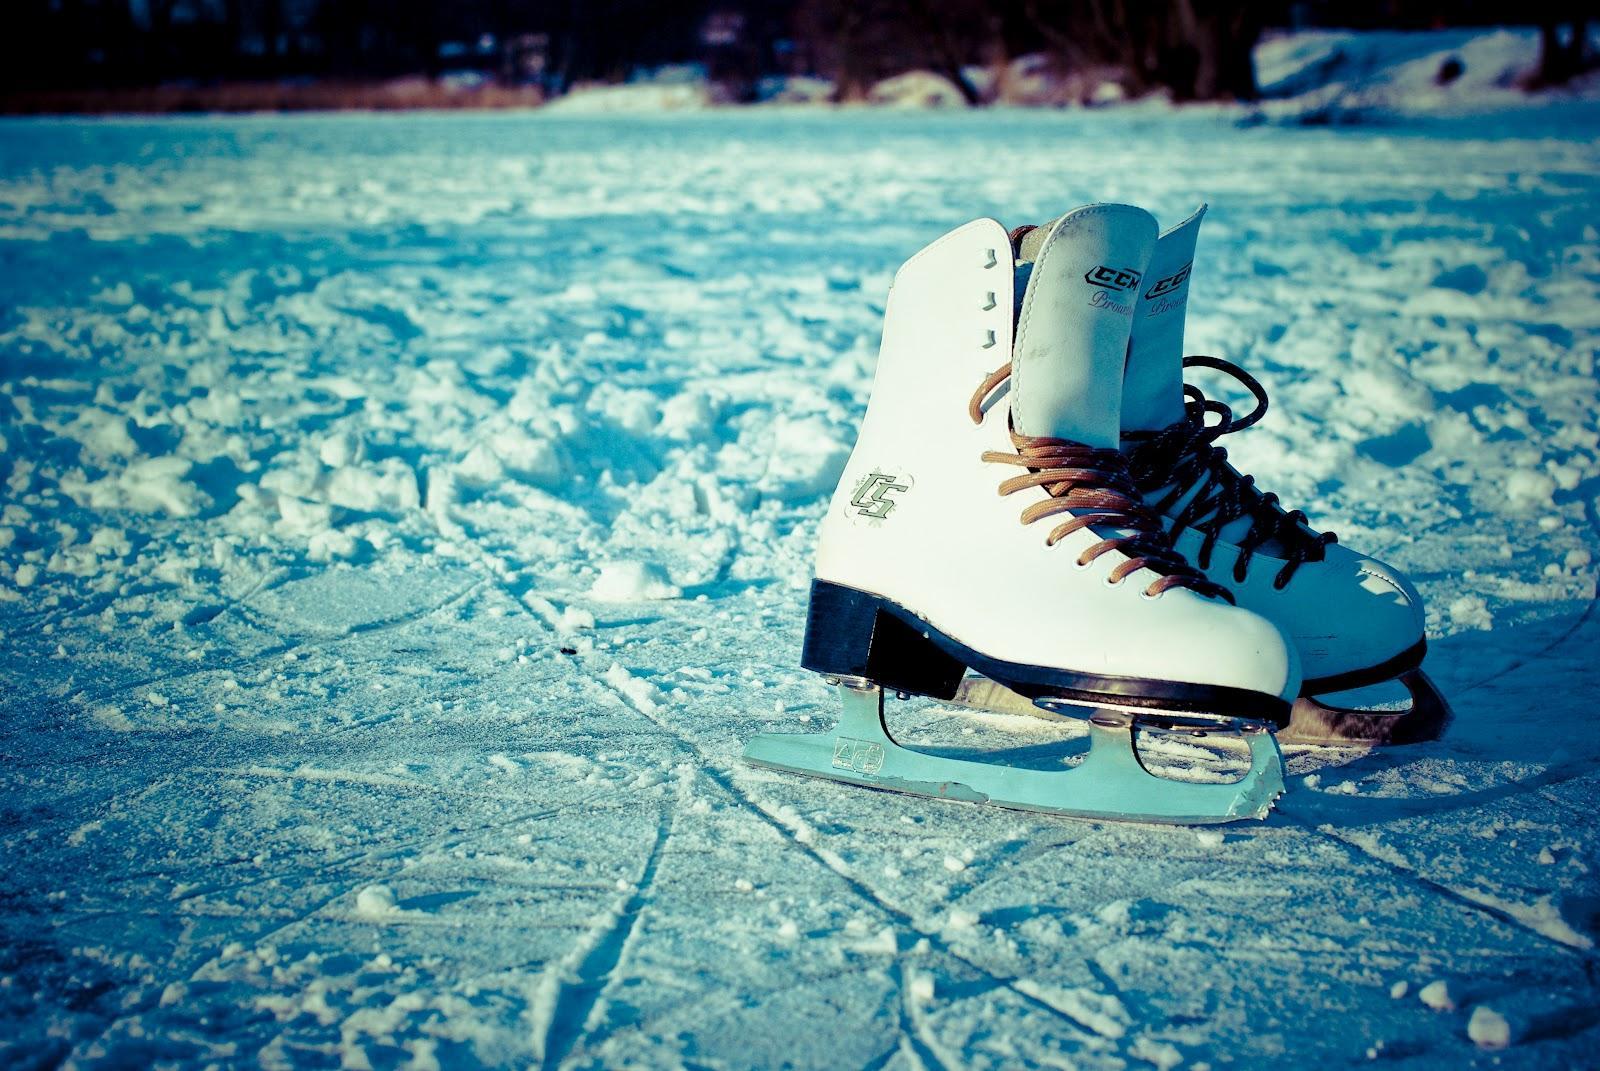 Лучшие зимние виды спорта для каждого